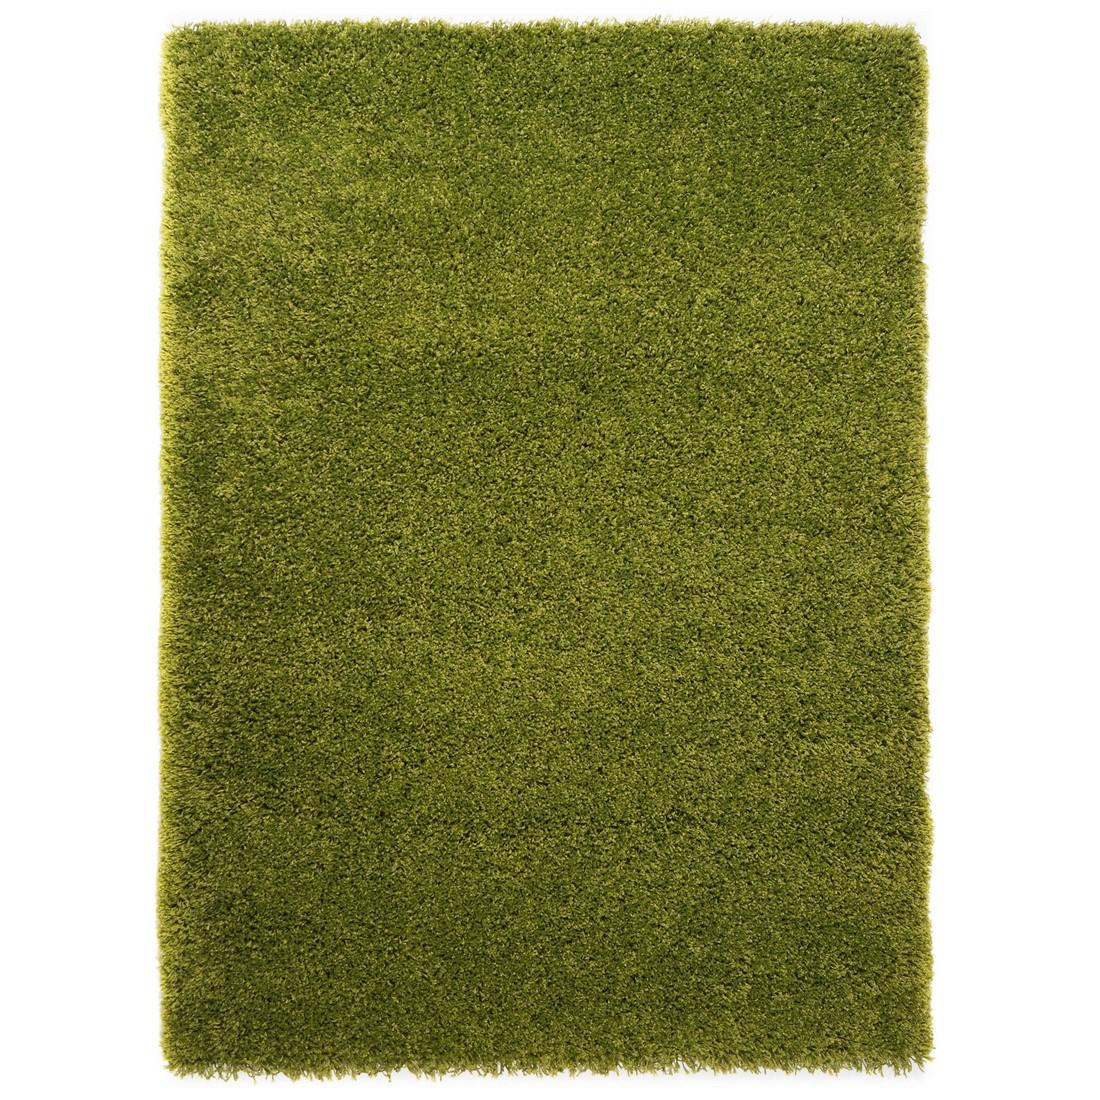 Hochflorteppich Coco – Grün – 200 x 200 cm, benuta günstig bestellen